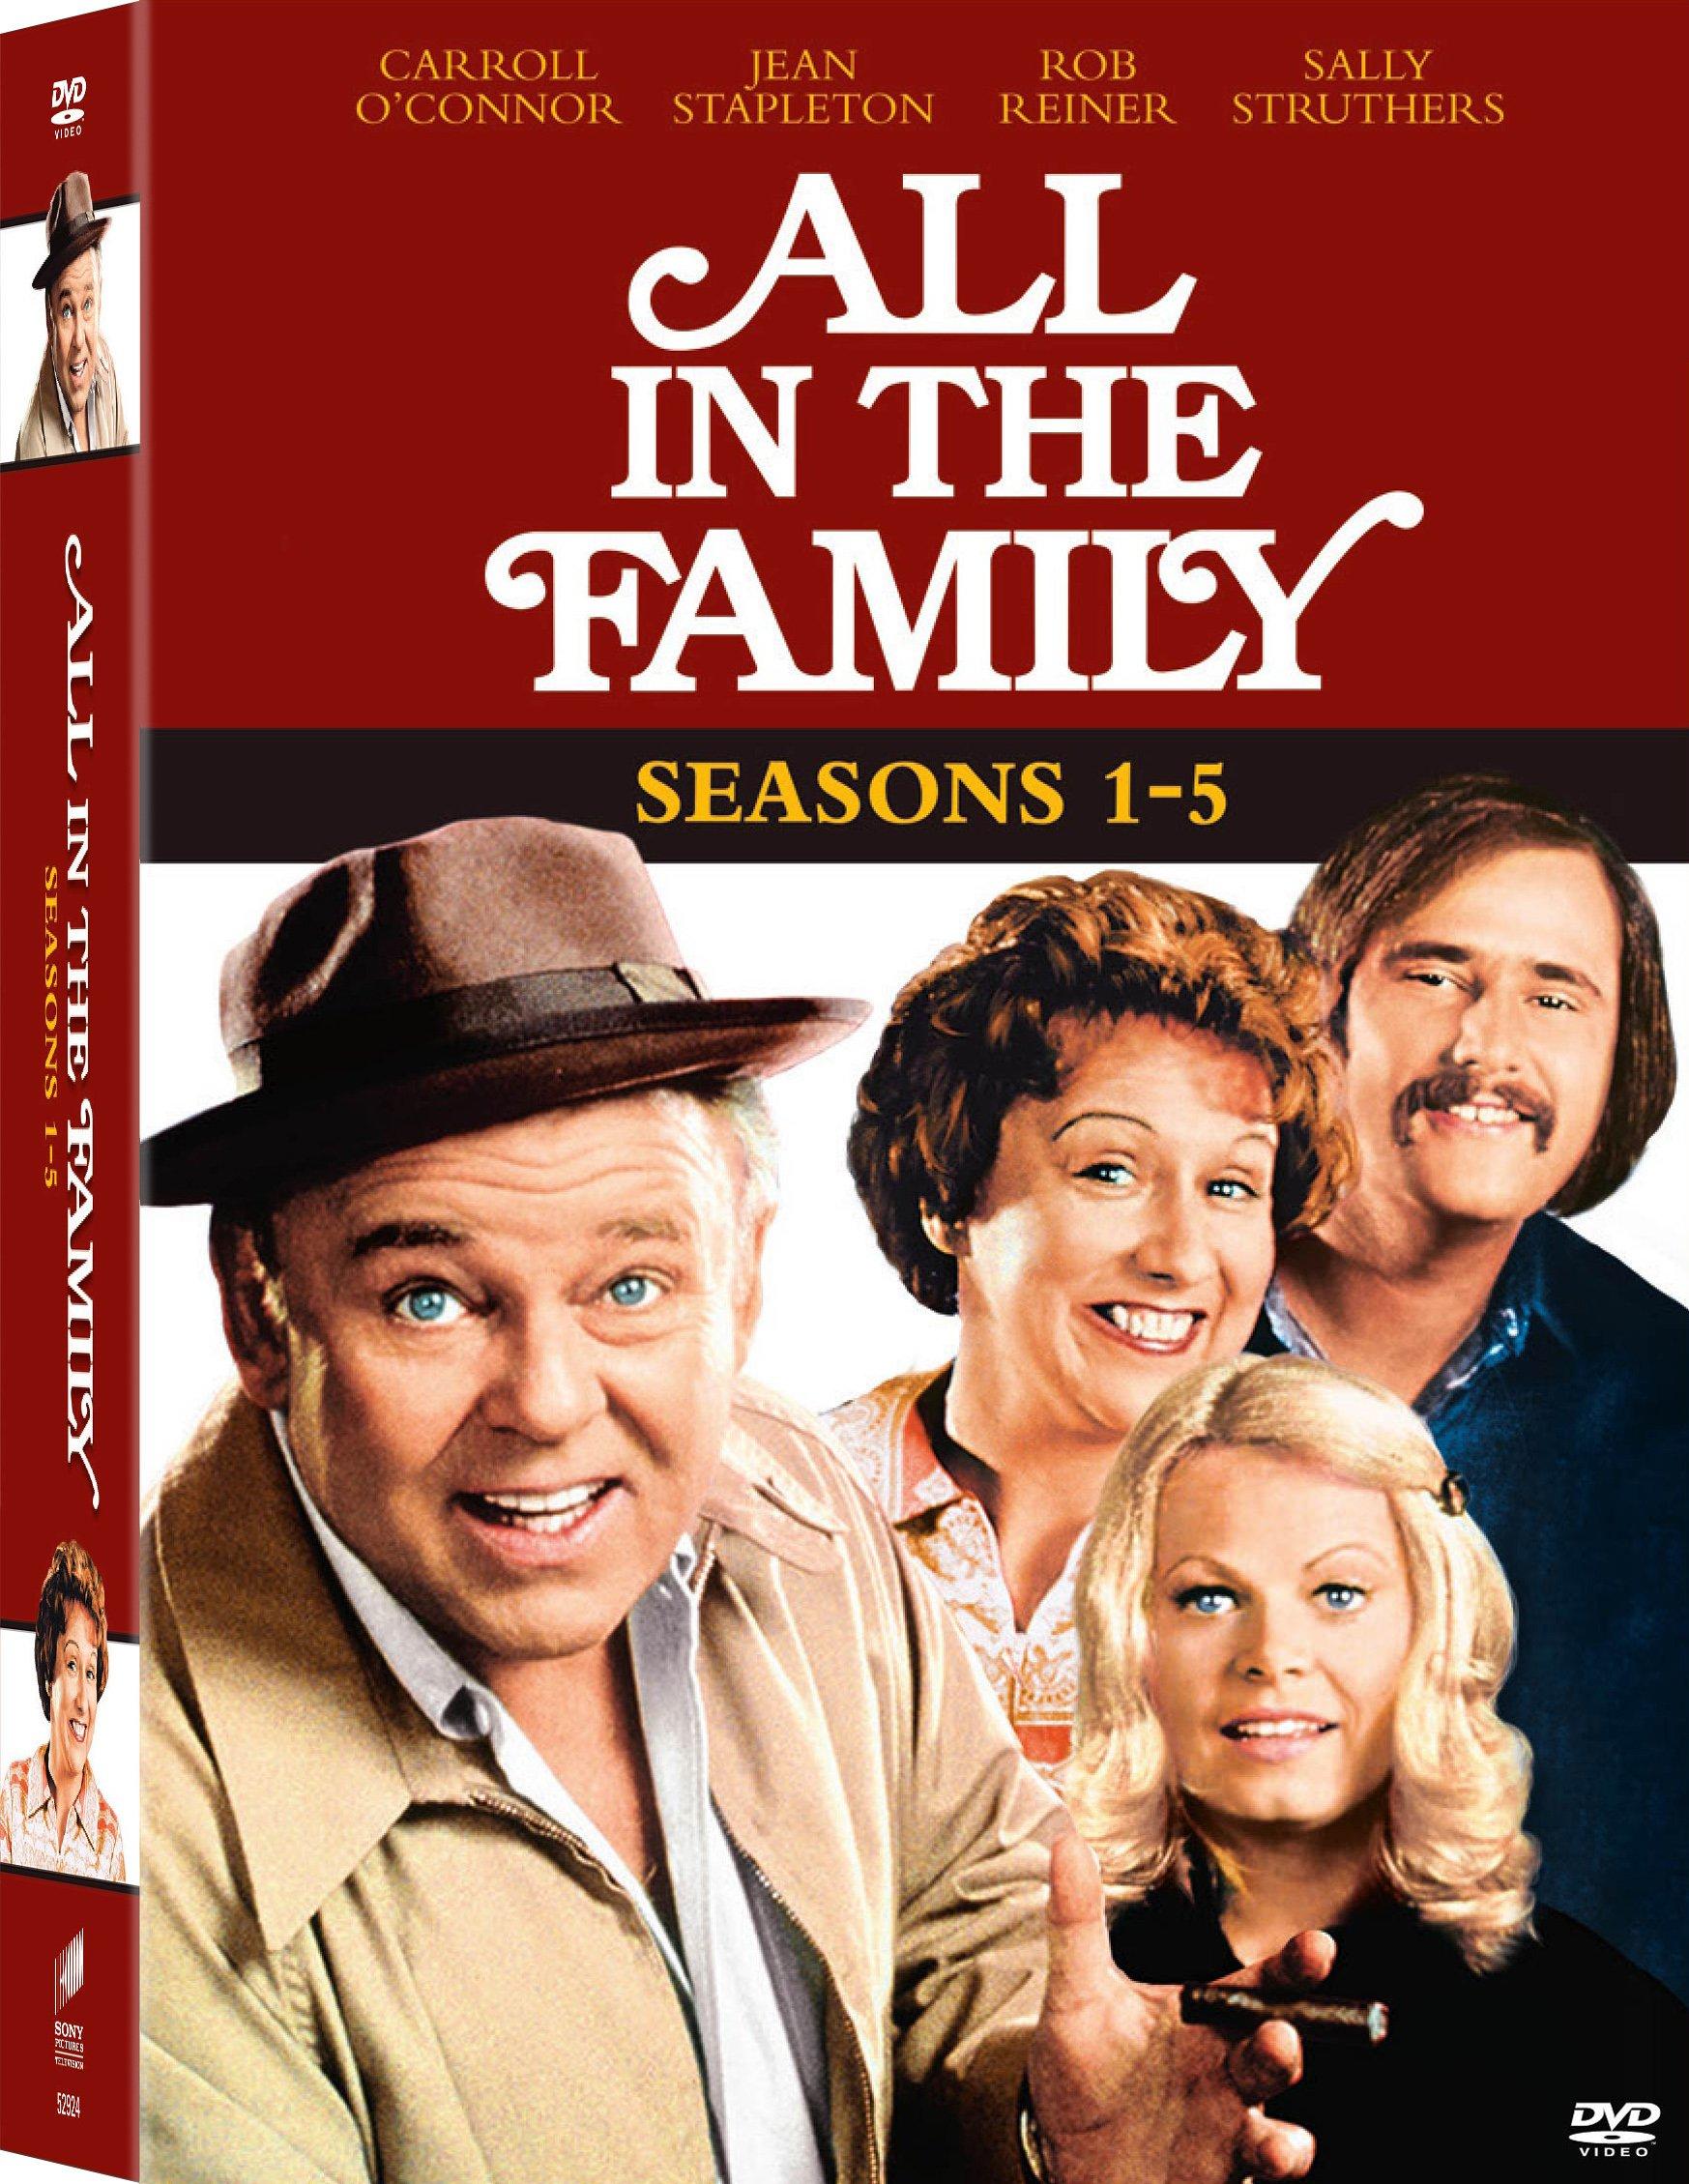 DVD : All in the Family: Seasons 1-5 (Full Frame, Boxed Set, , 15 Disc)